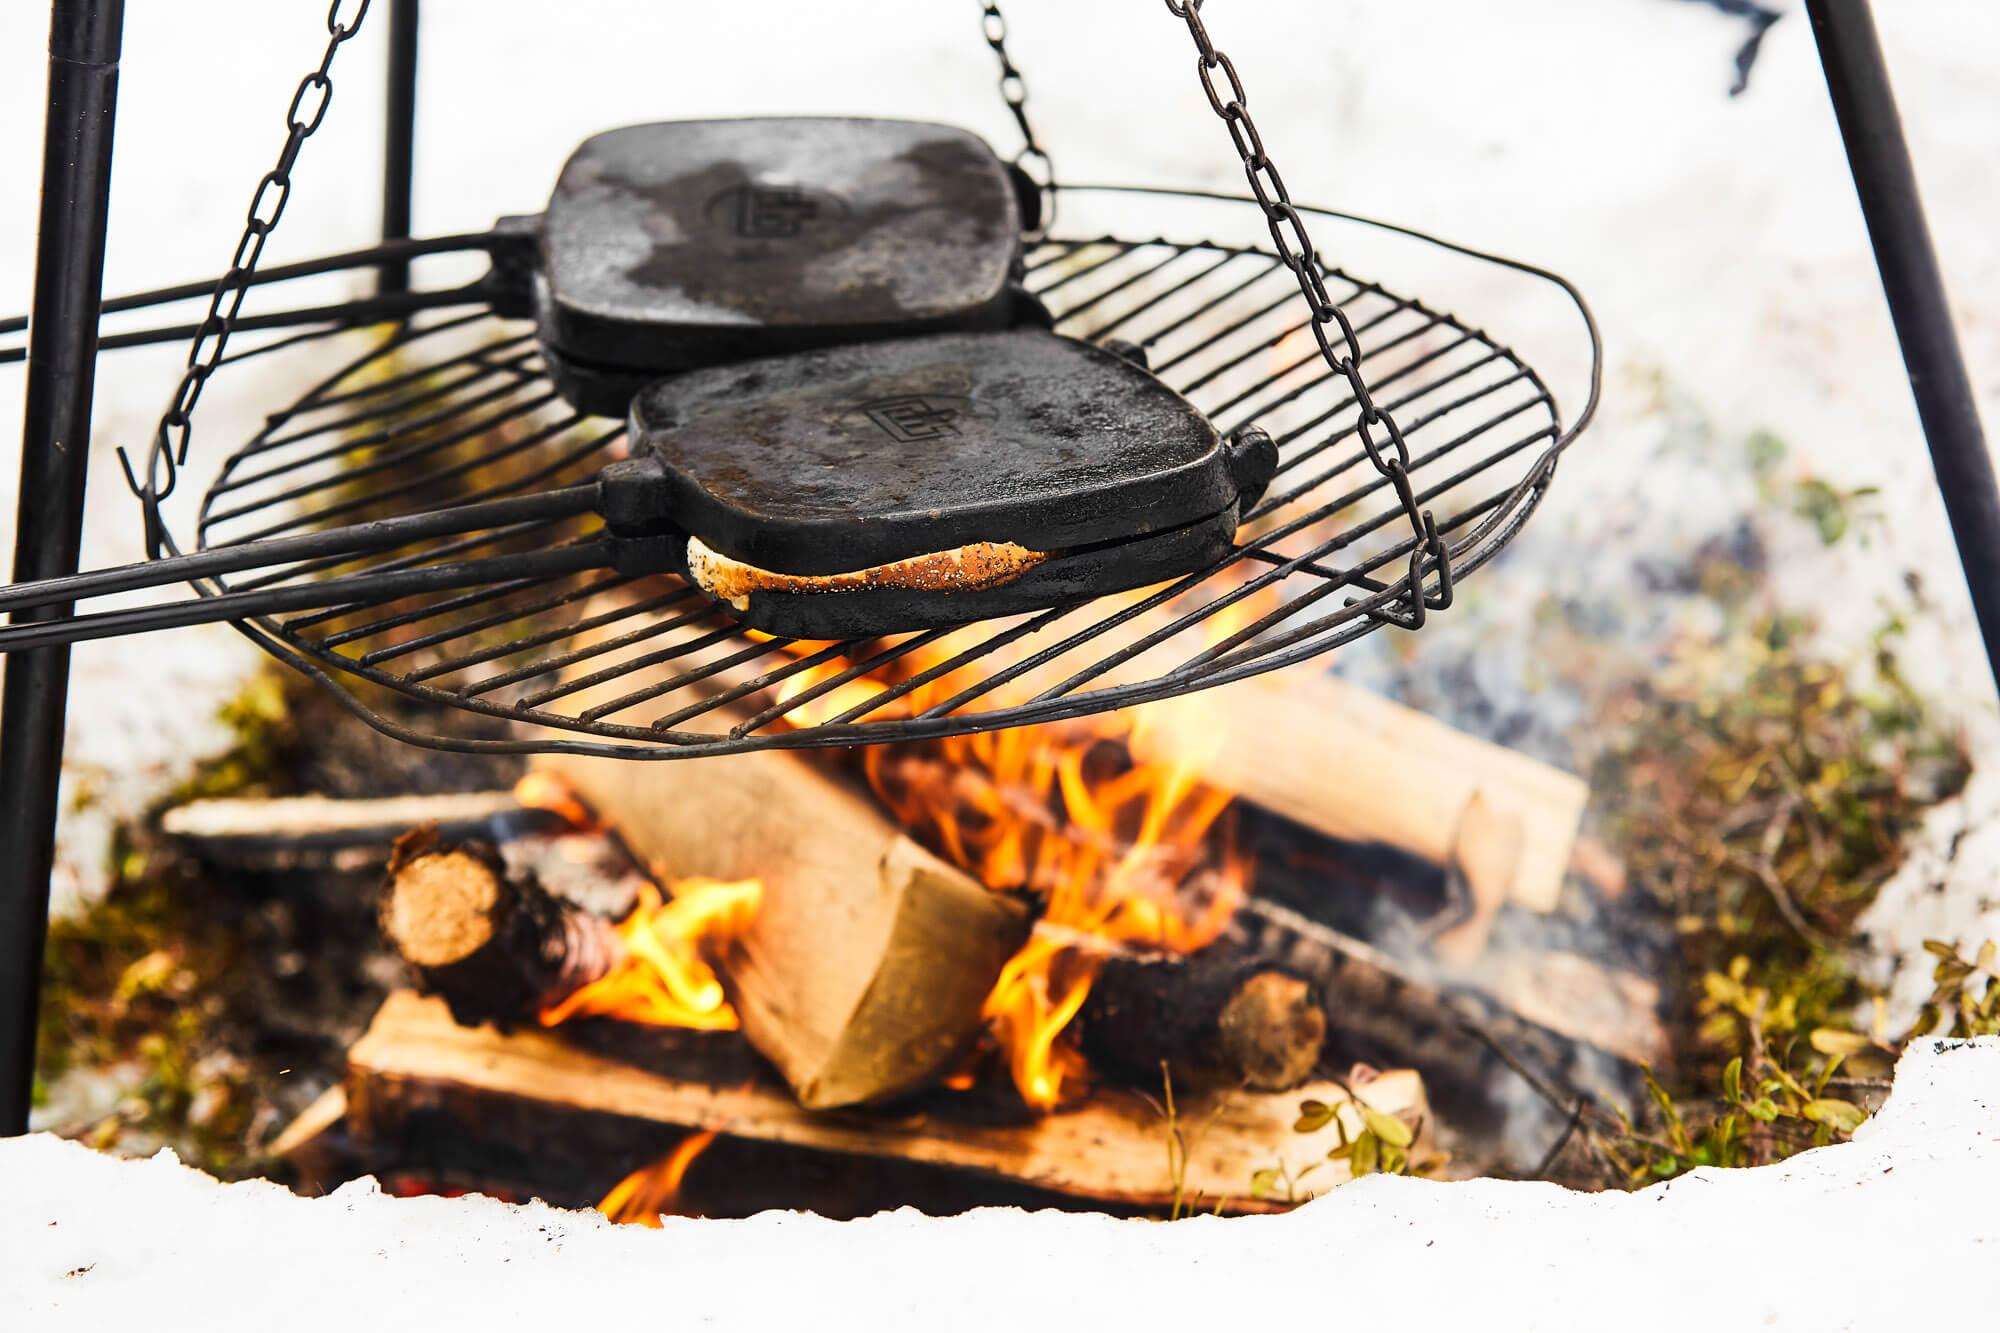 Croque monsieur au feu de bois en Laponie